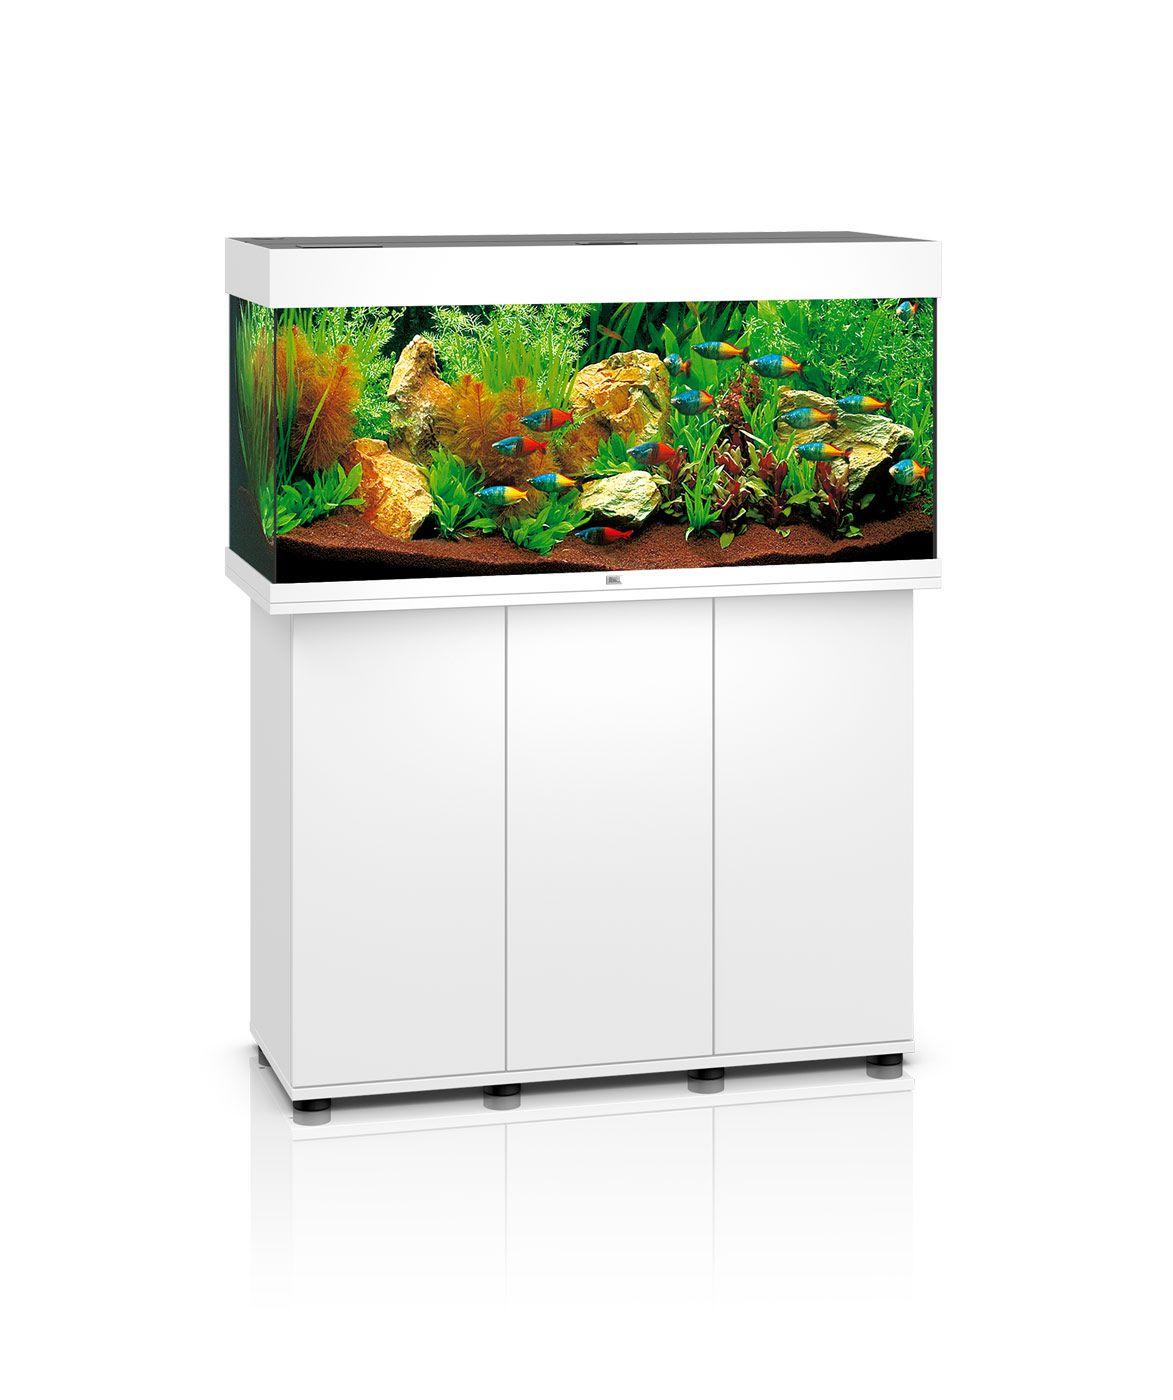 JUWEL® Aquarium Rio 300 white (mit Bildern) Goldfisch